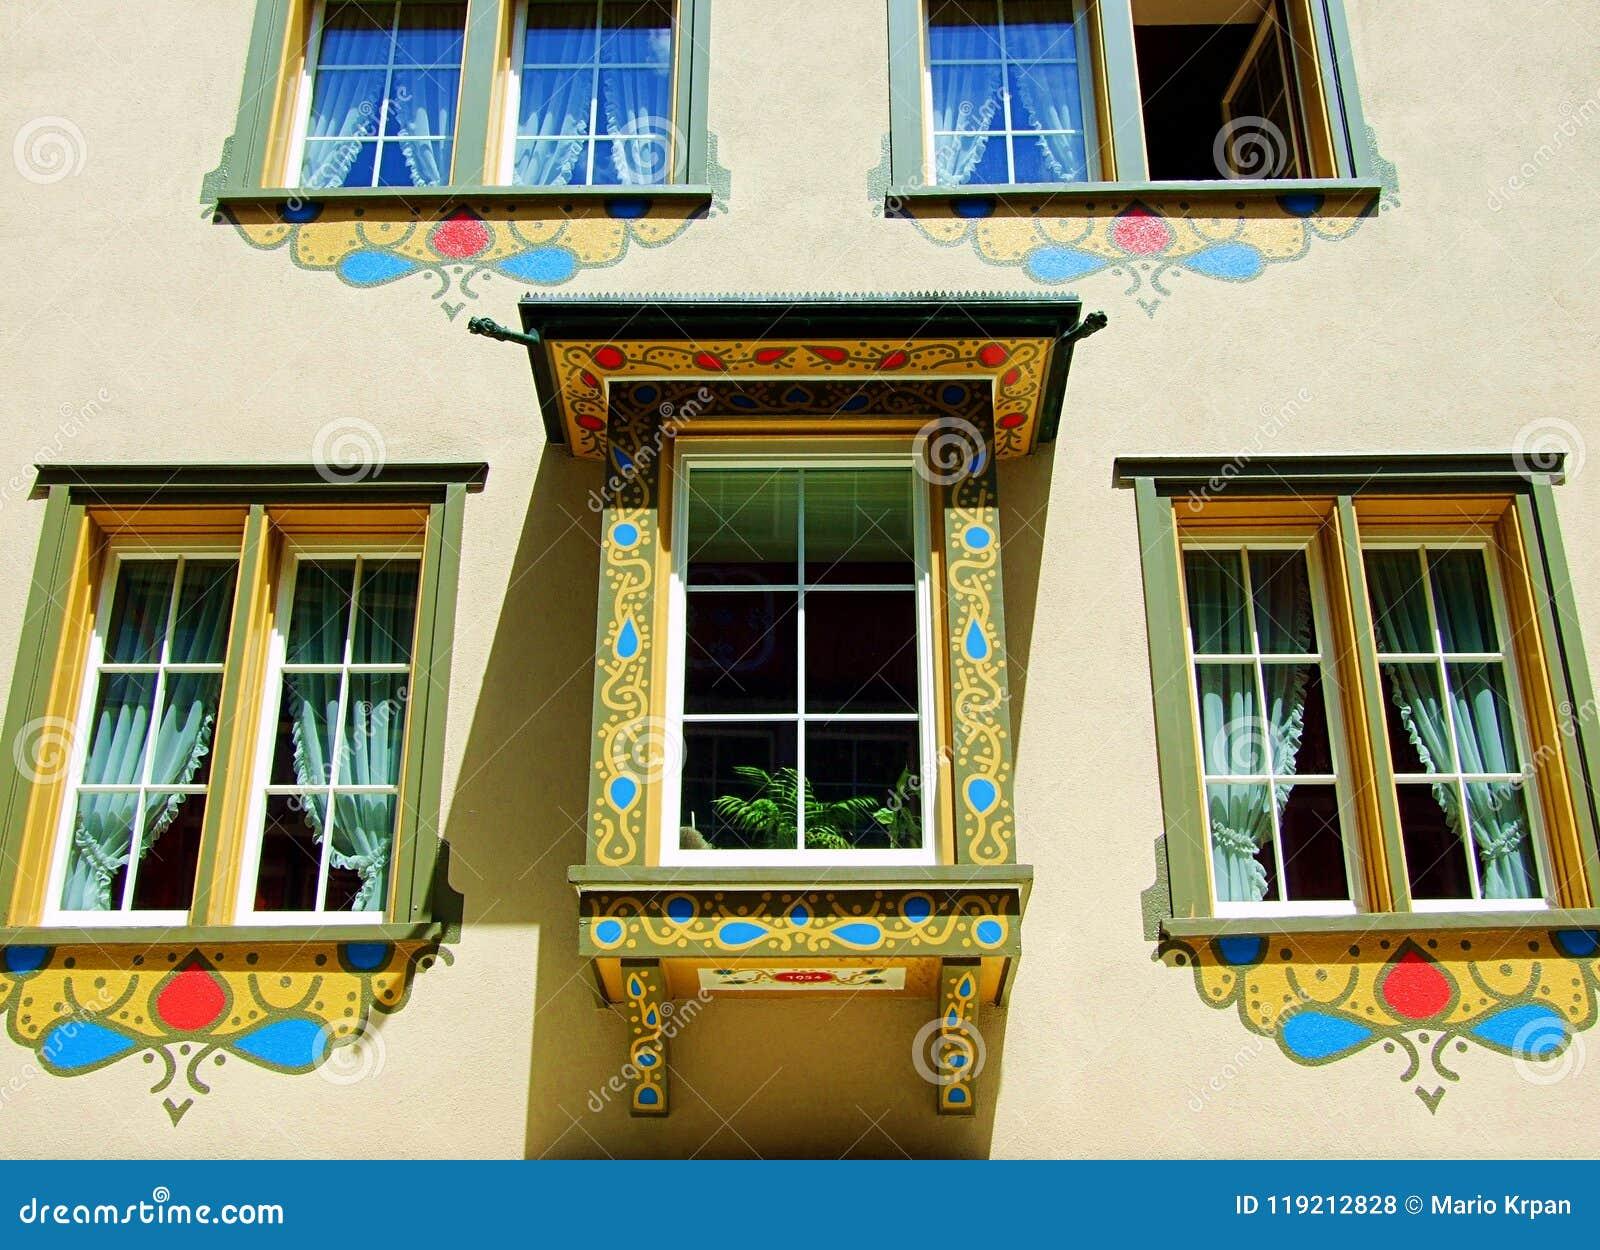 Fenêtre, Bâtiment, Architecture, Maison, Mur, Fenêtres, Vieilles ...